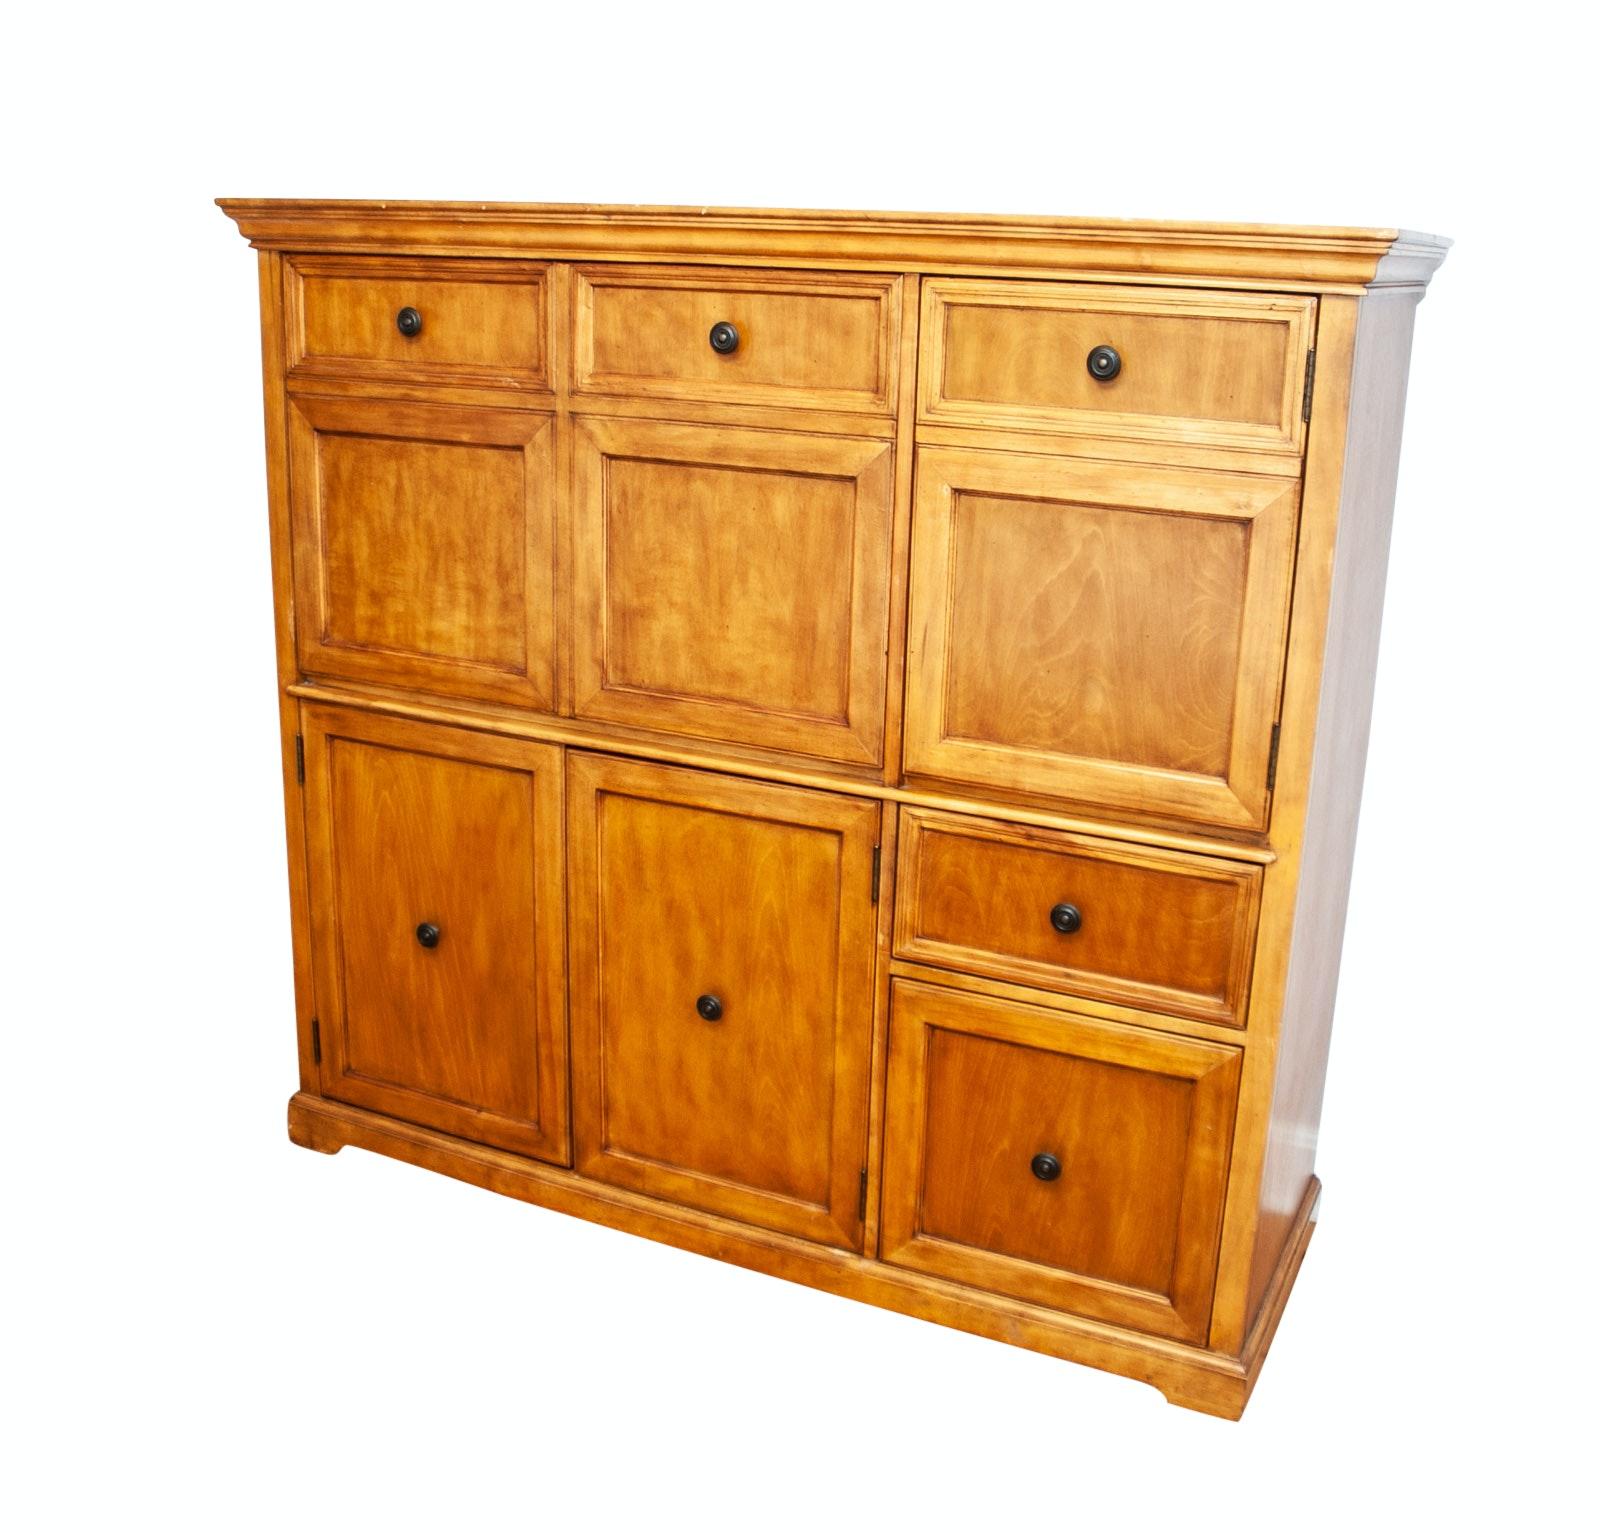 Oak Cabinet with Slanted Desk